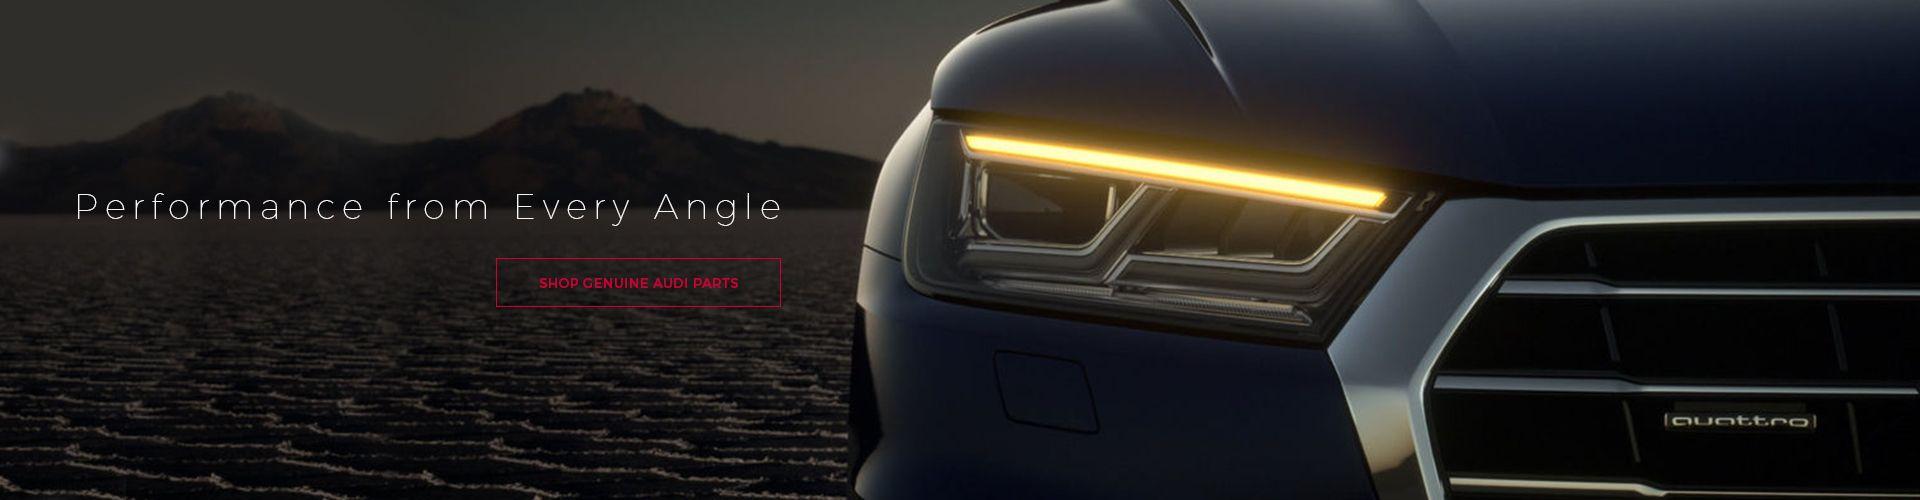 Audi Parts Online Banner 3